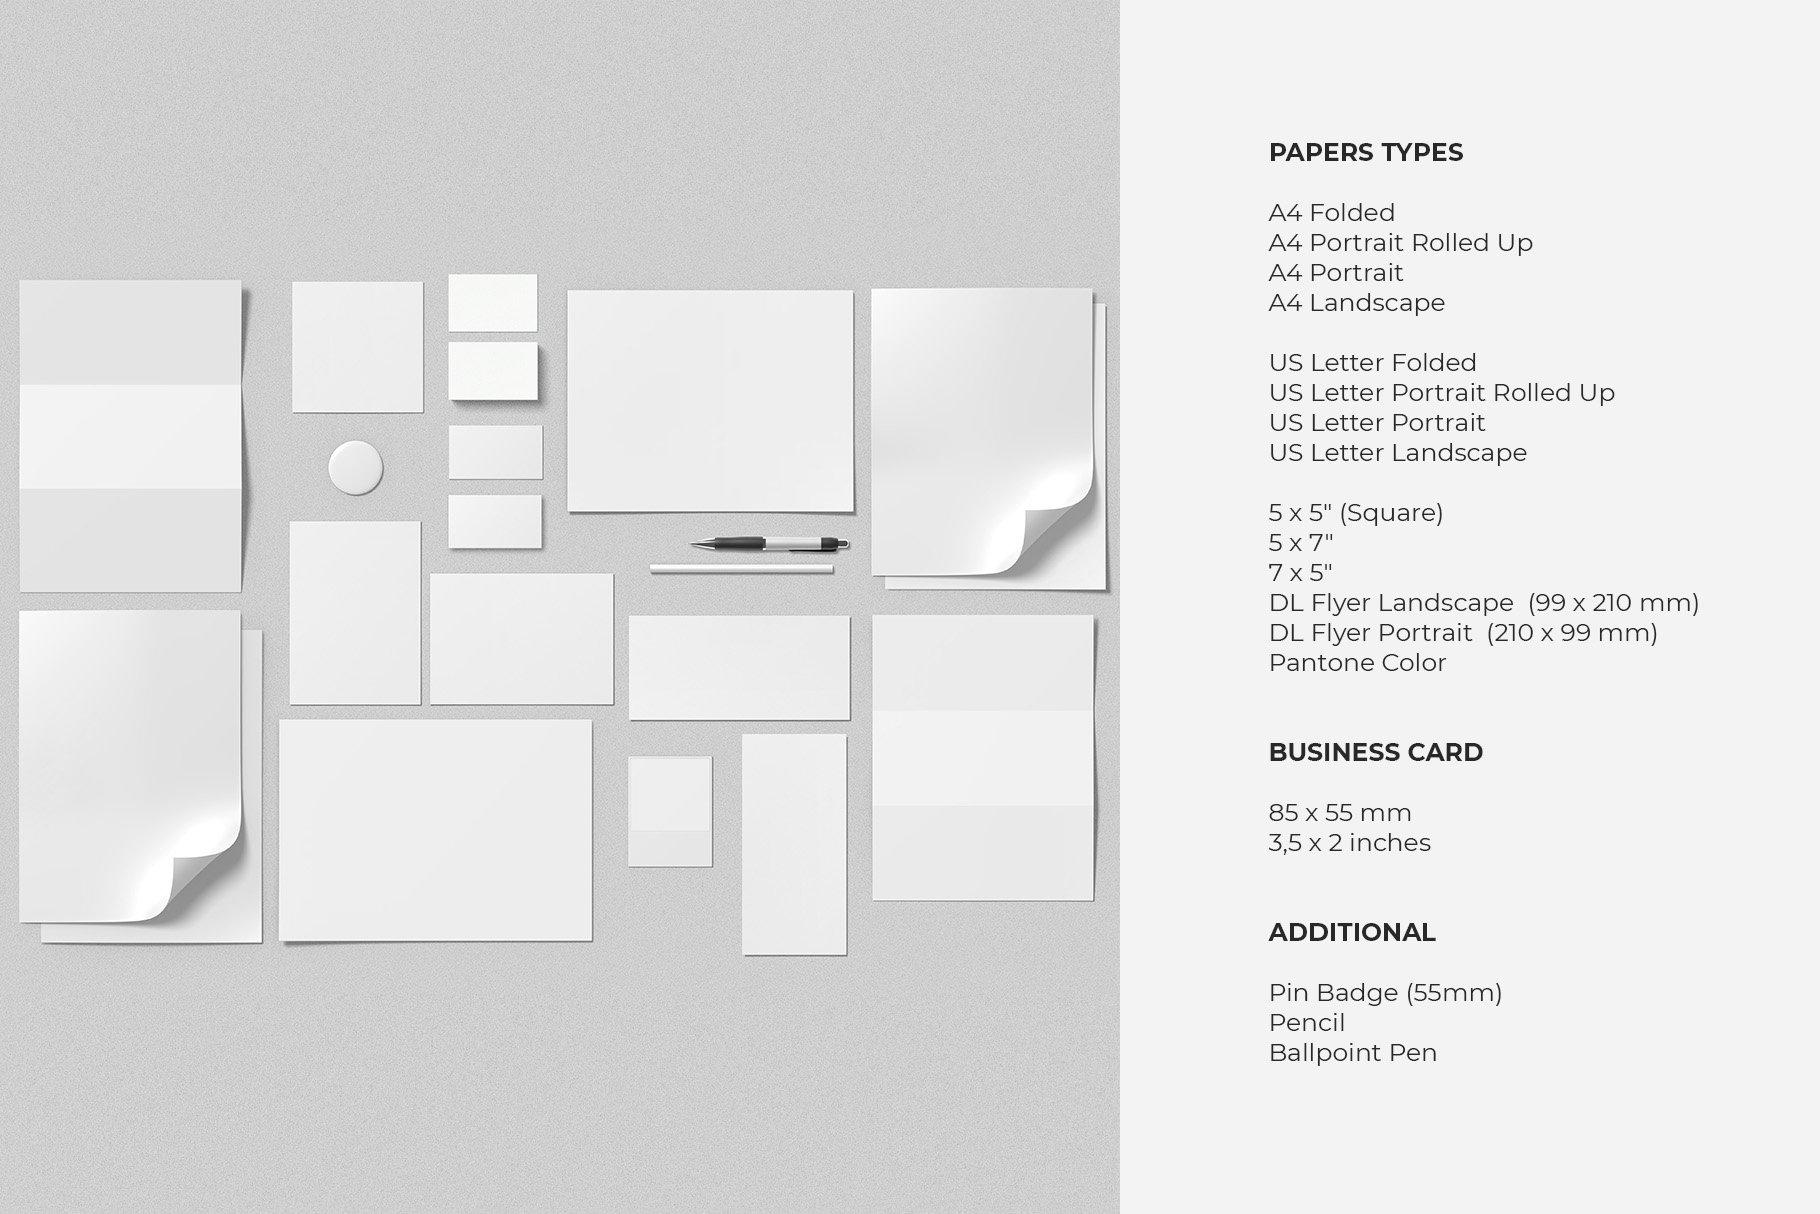 12个时尚简约品牌Logo设计办公用品展示贴图样机模板套装 Branding Mockup Scene Creator插图14